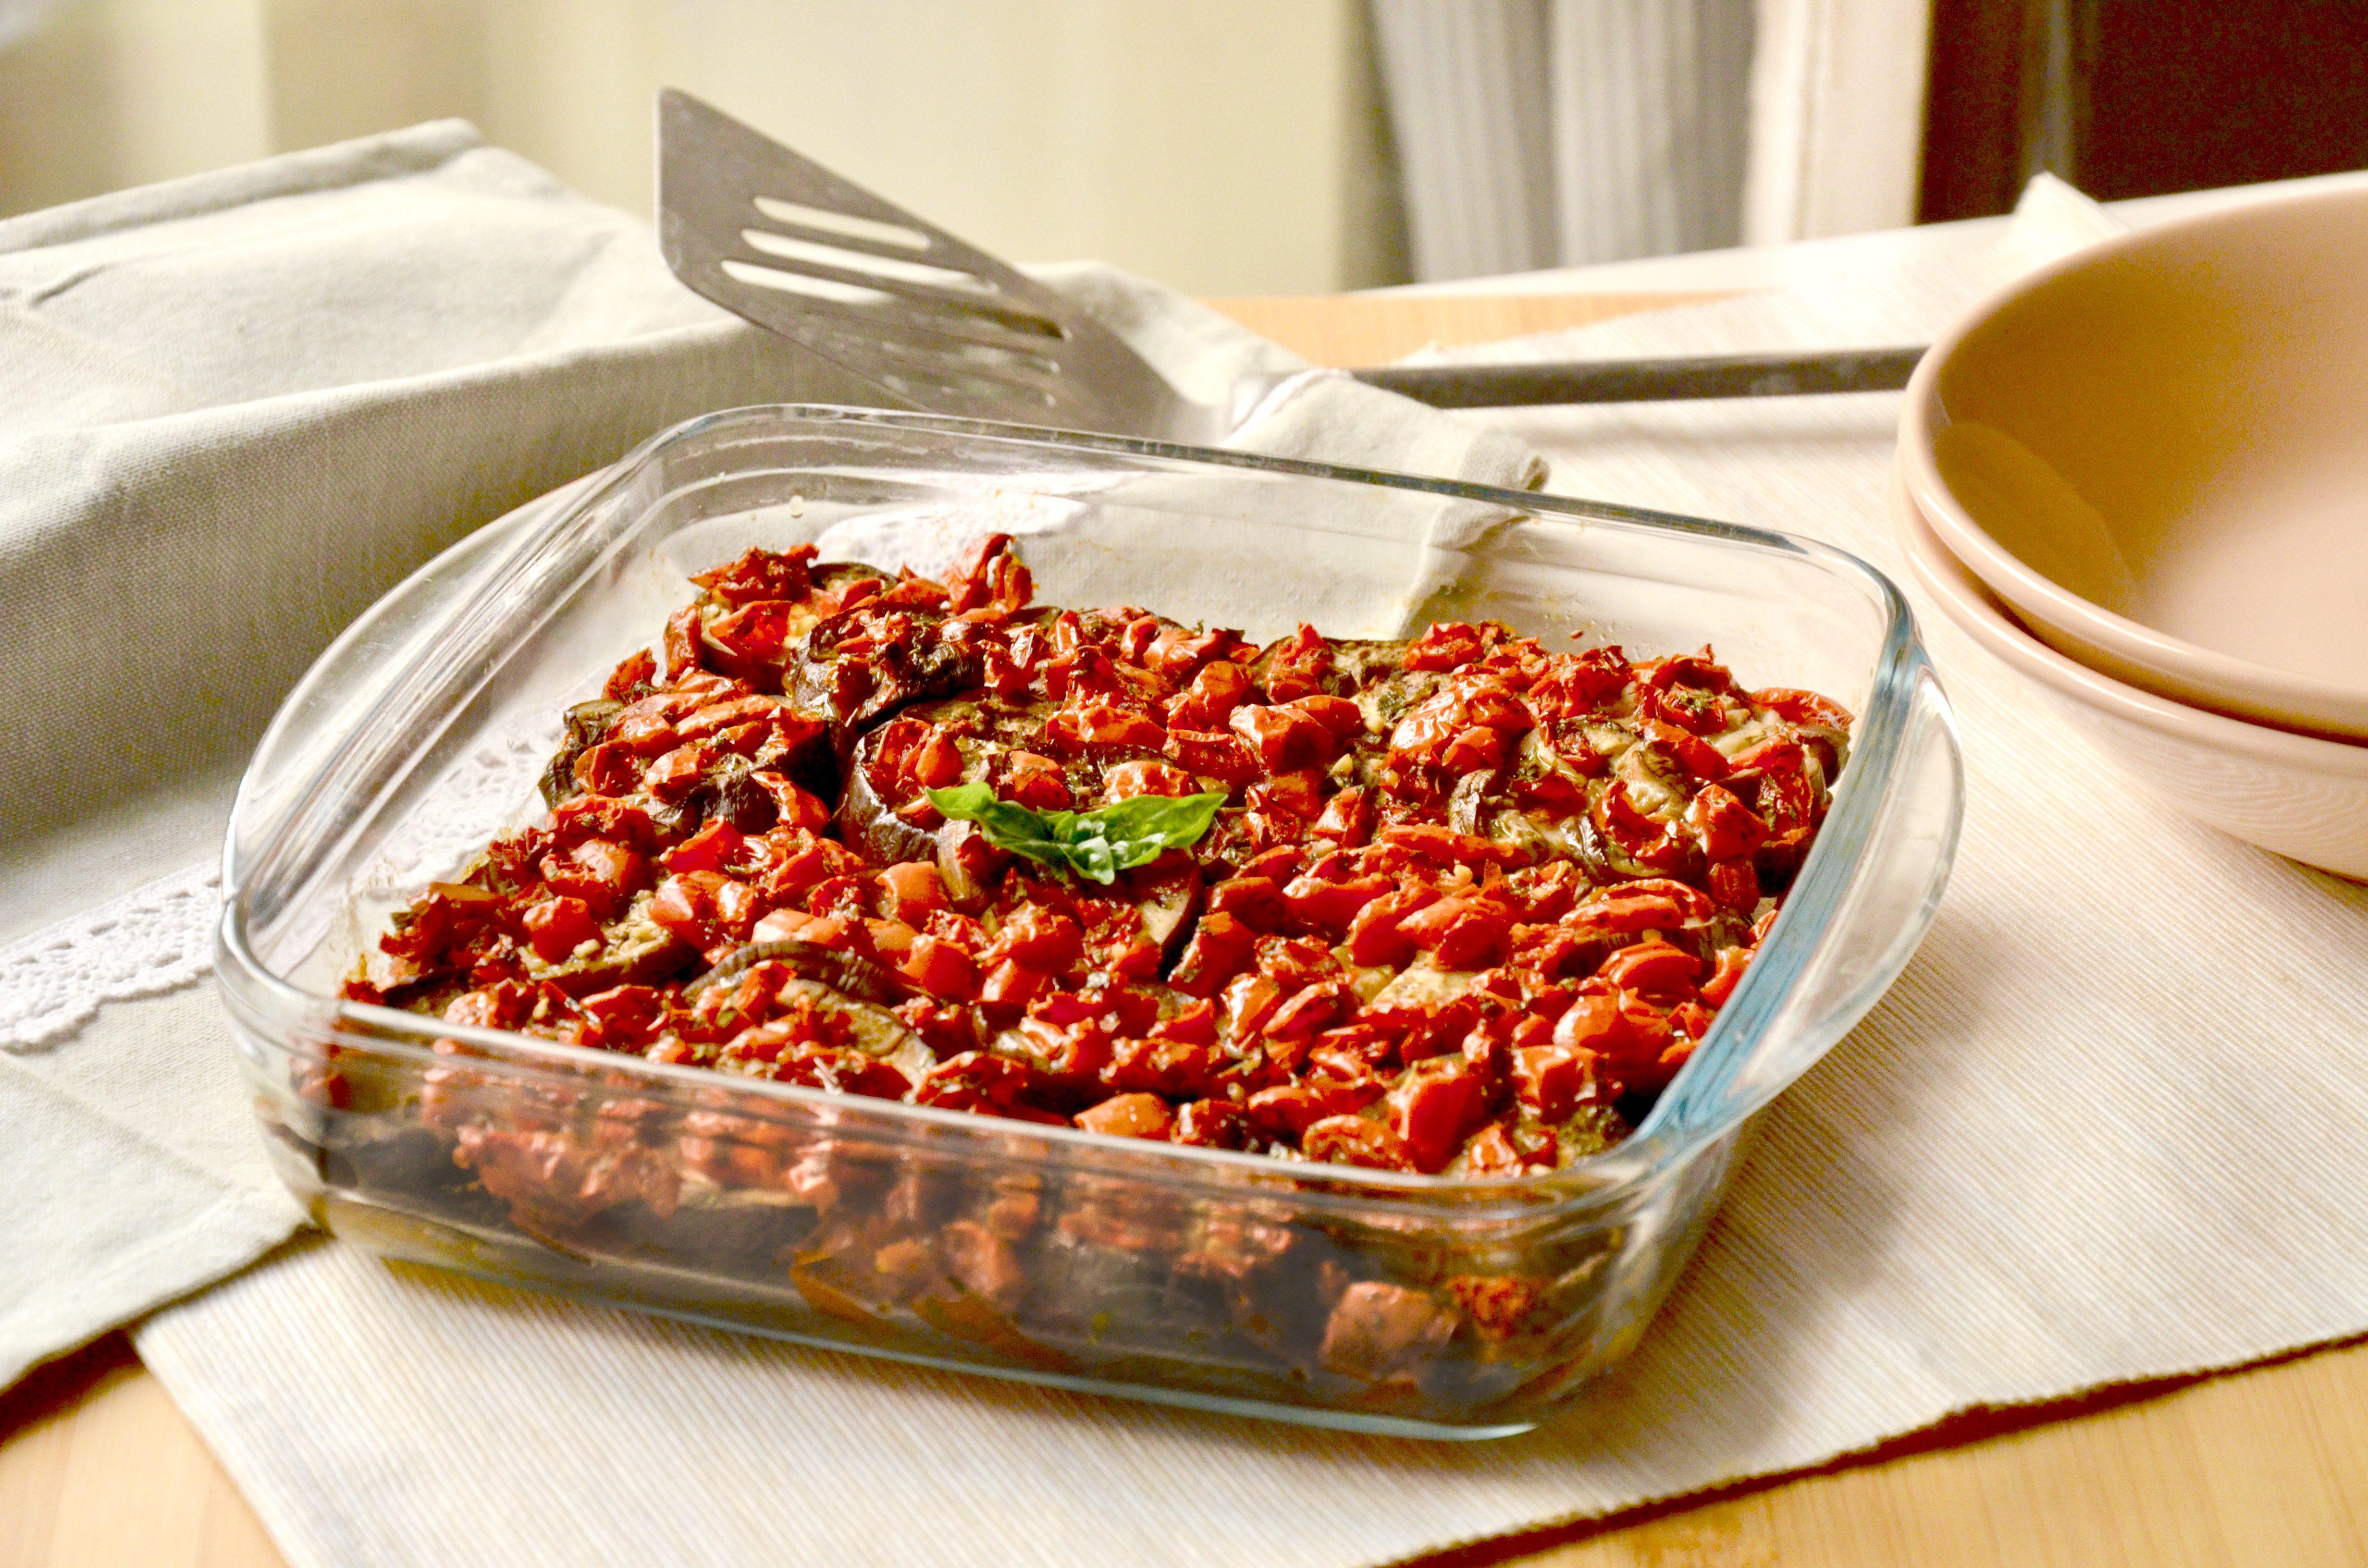 Melanzane al forno con pomodorini: la ricetta dell'irresistibile contorno mediterraneo